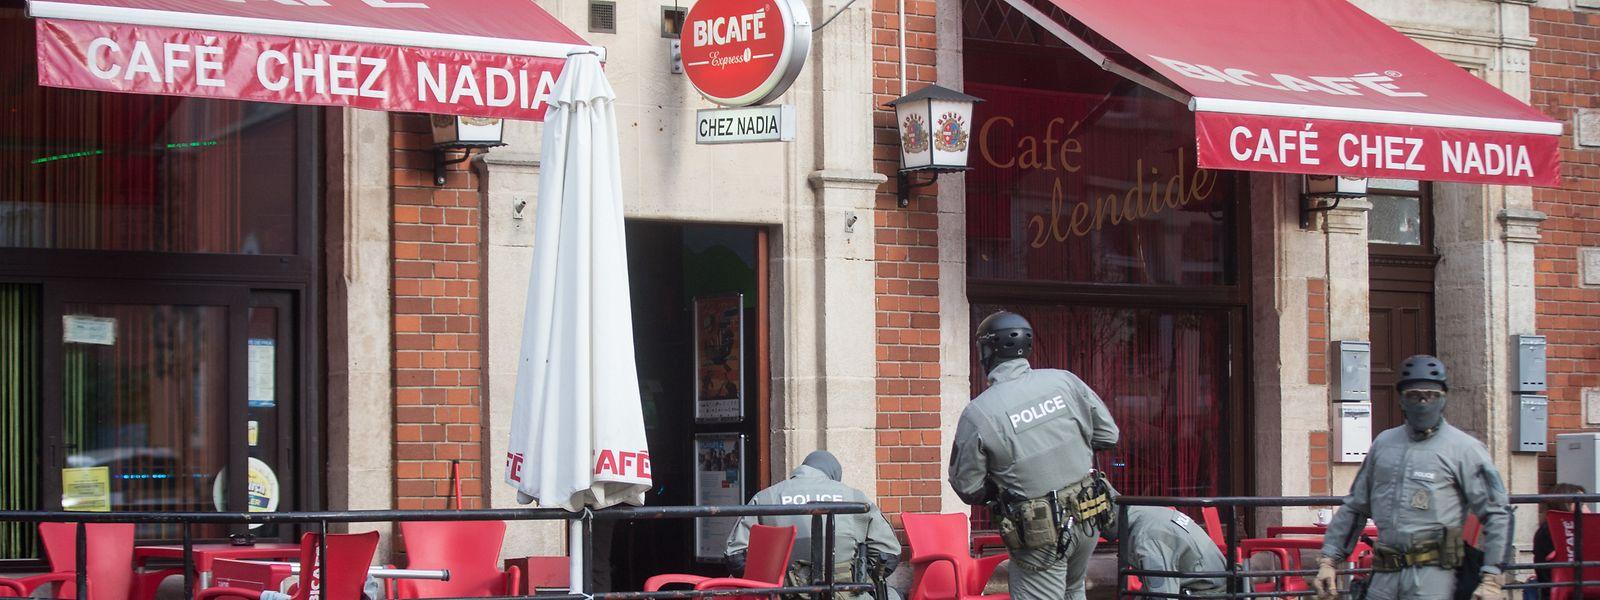 Auch nach der Razzia im Oktober 2018 ging der Drogenhandel im und um das Café Nadia weiter. Viermal ist die Polizei in den vergangenen Monaten vor Ort eingeschritten.